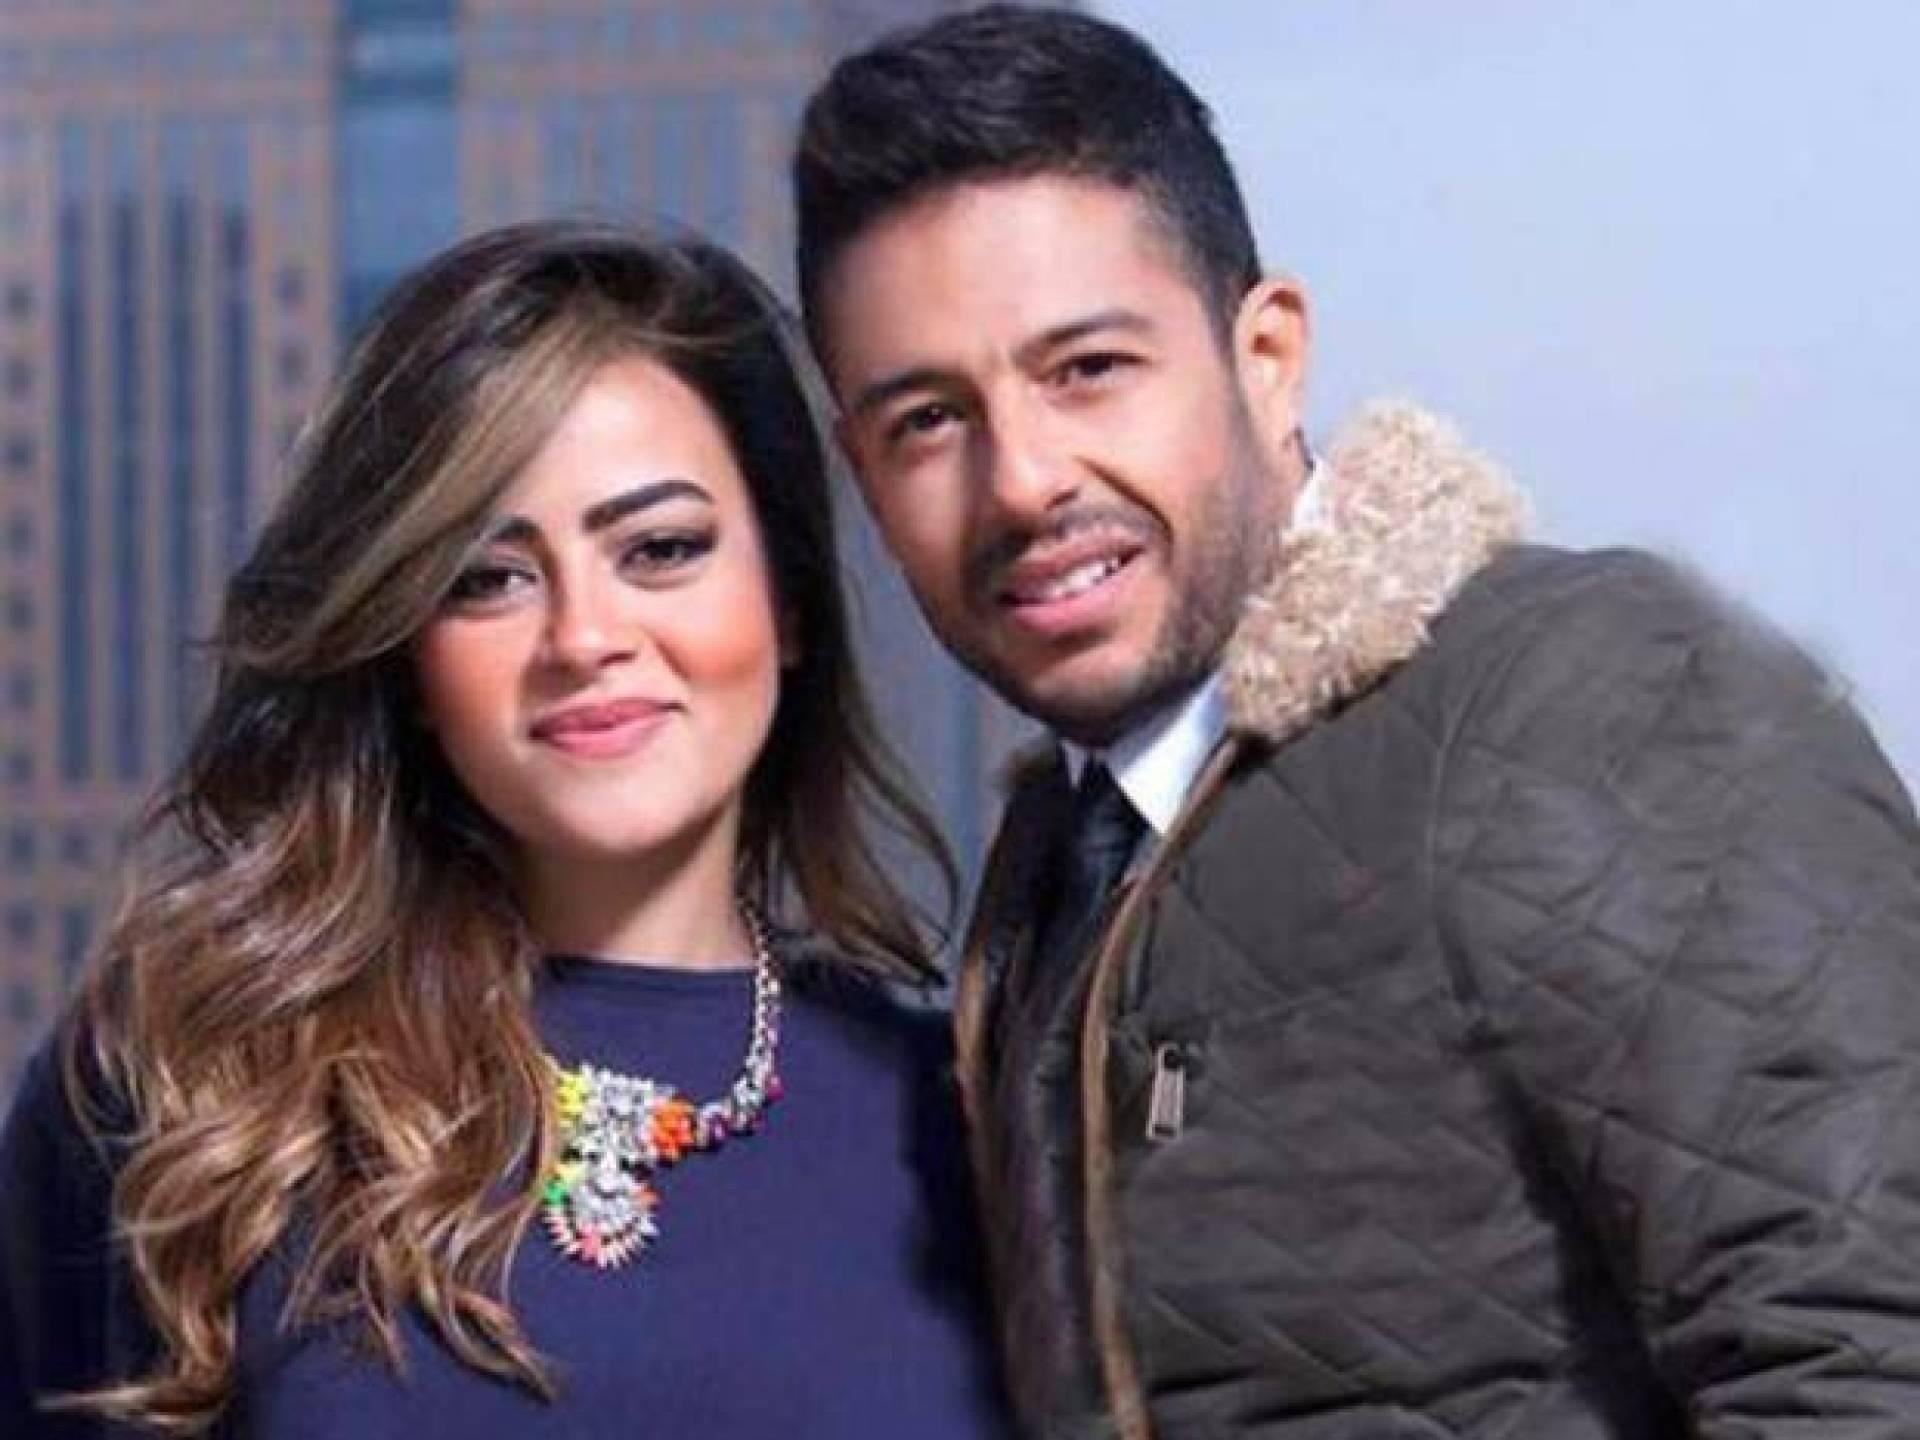 أول تعليق من زوجة محمد حماقي بعد جلوسه على ركبتيه وتقديمه خاتم لمتسابقة ذا فويس| Laha Magazine